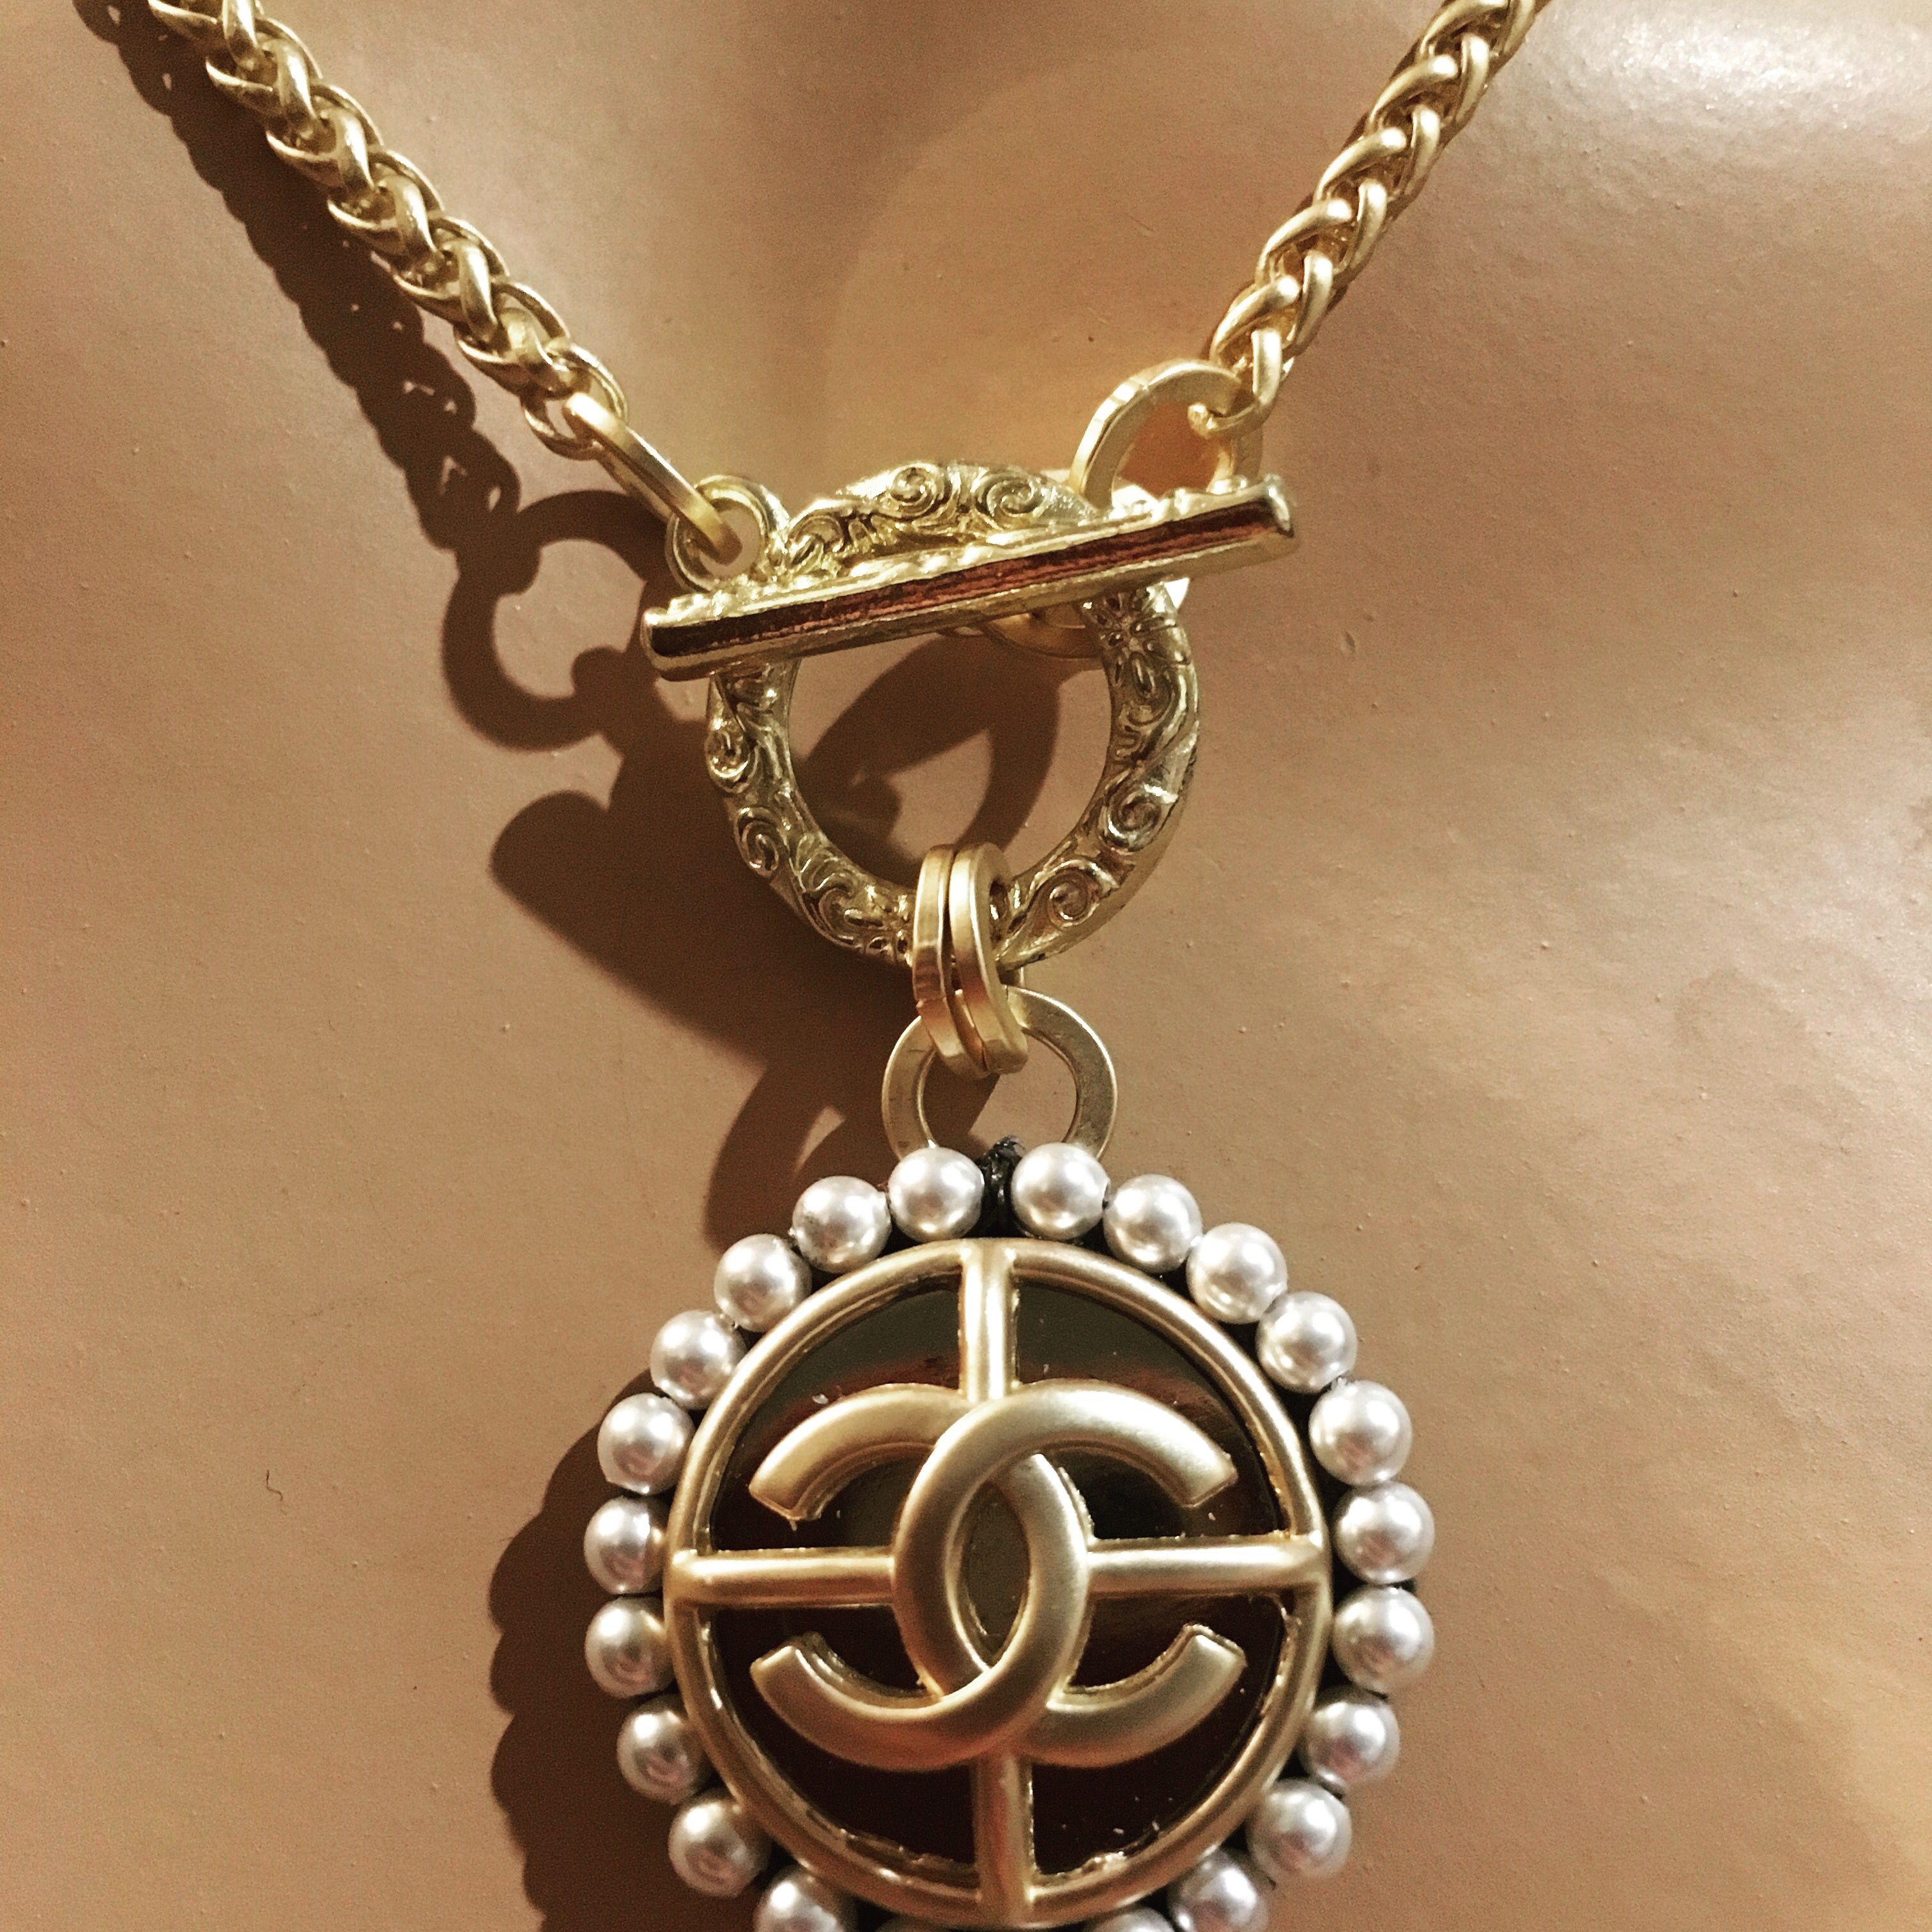 New Design Chanel Jewelry Jewelry Design Jewelry